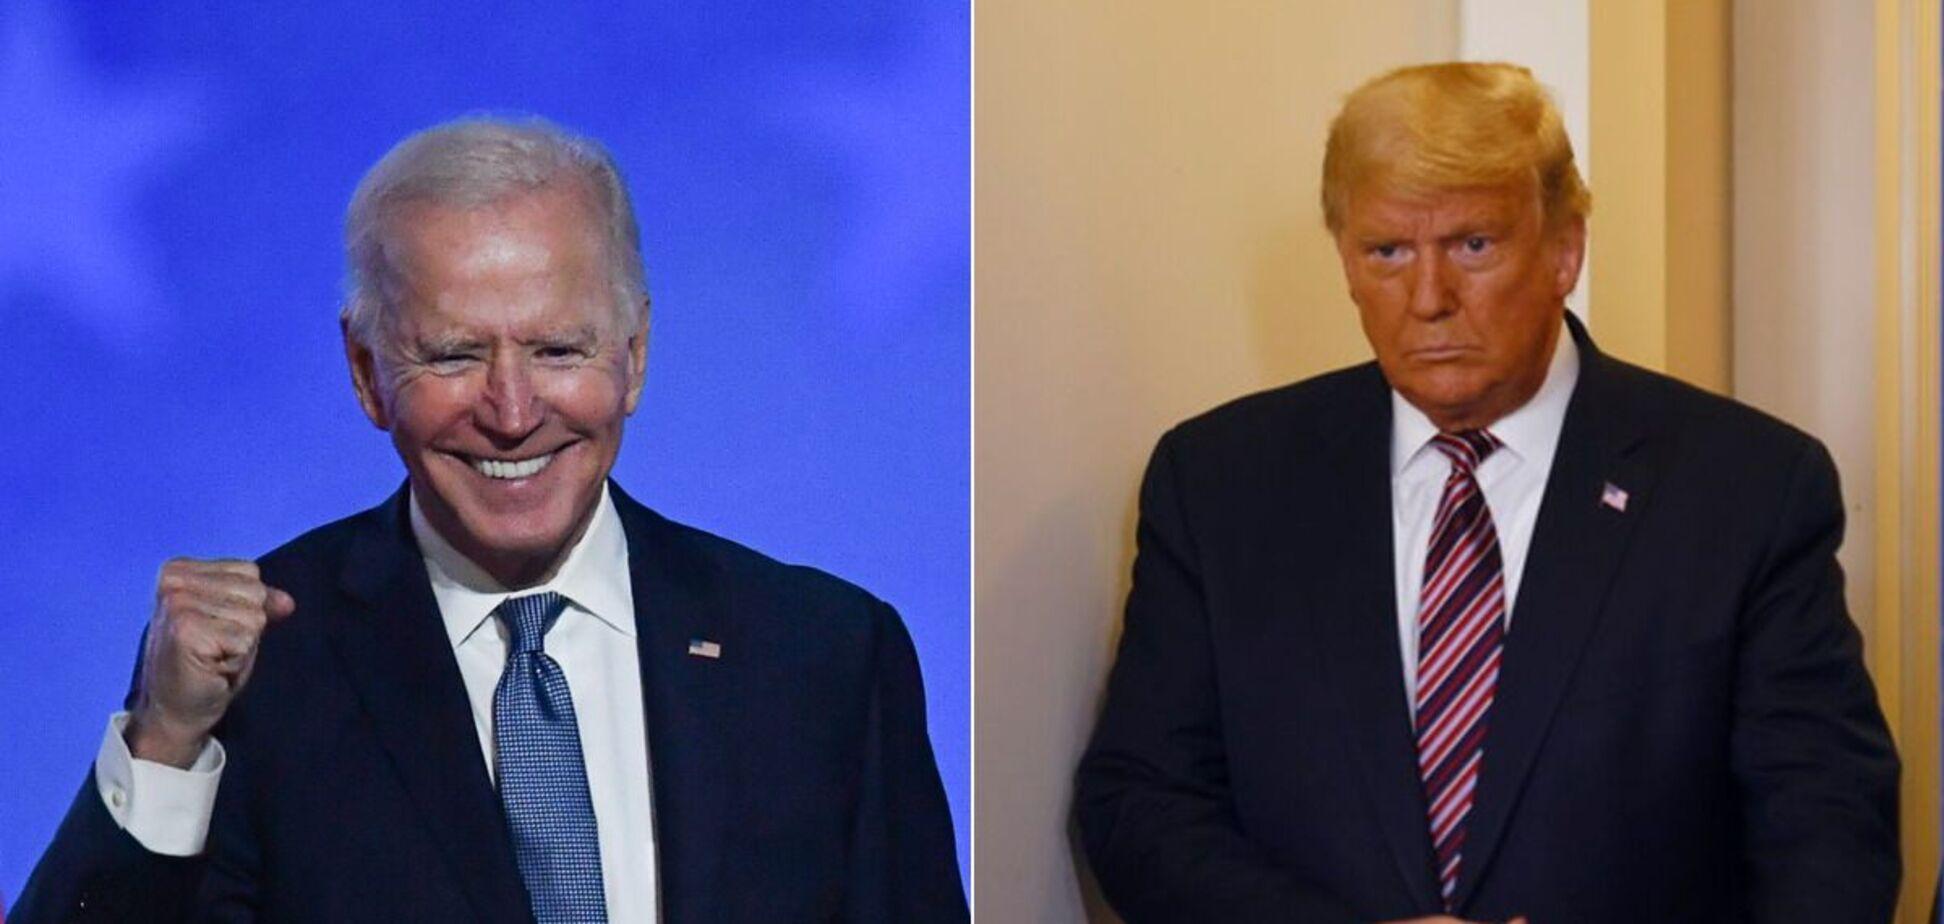 Америка vs Трамп: как президент США встретил поражение на выборах